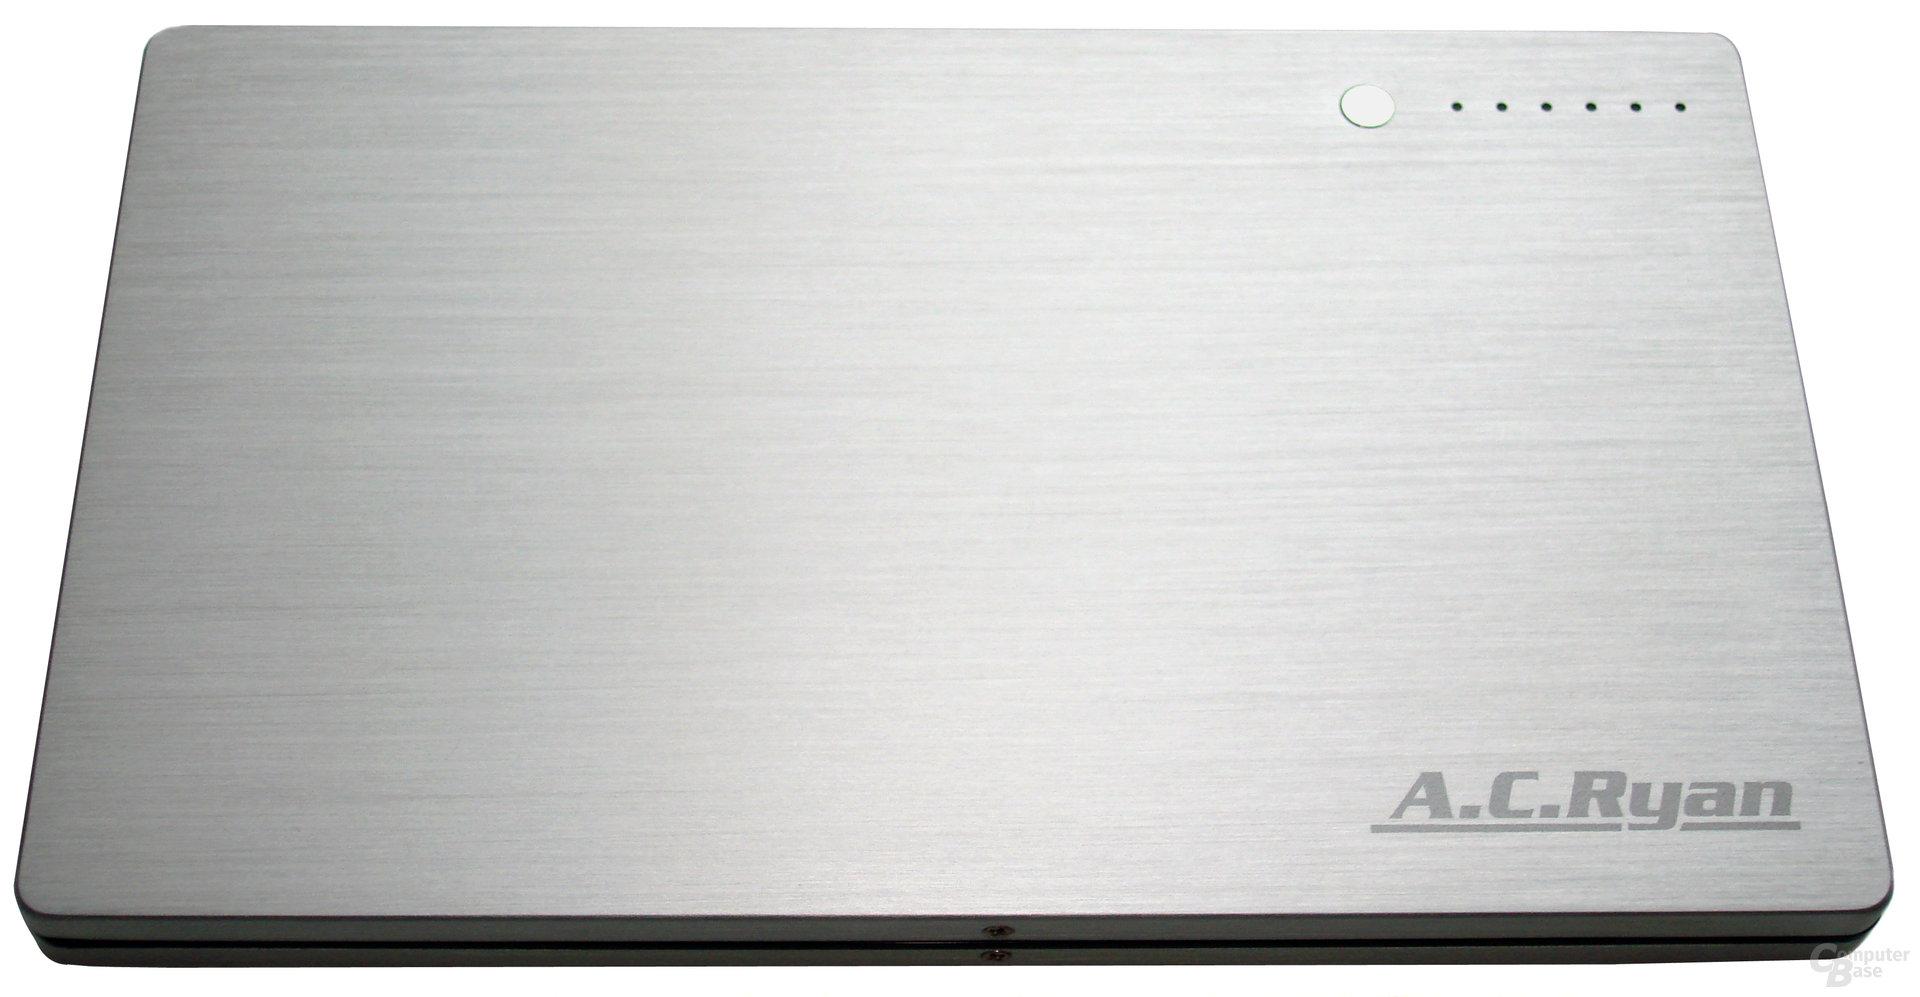 A.C. Ryan MobiliT Universal External Battery